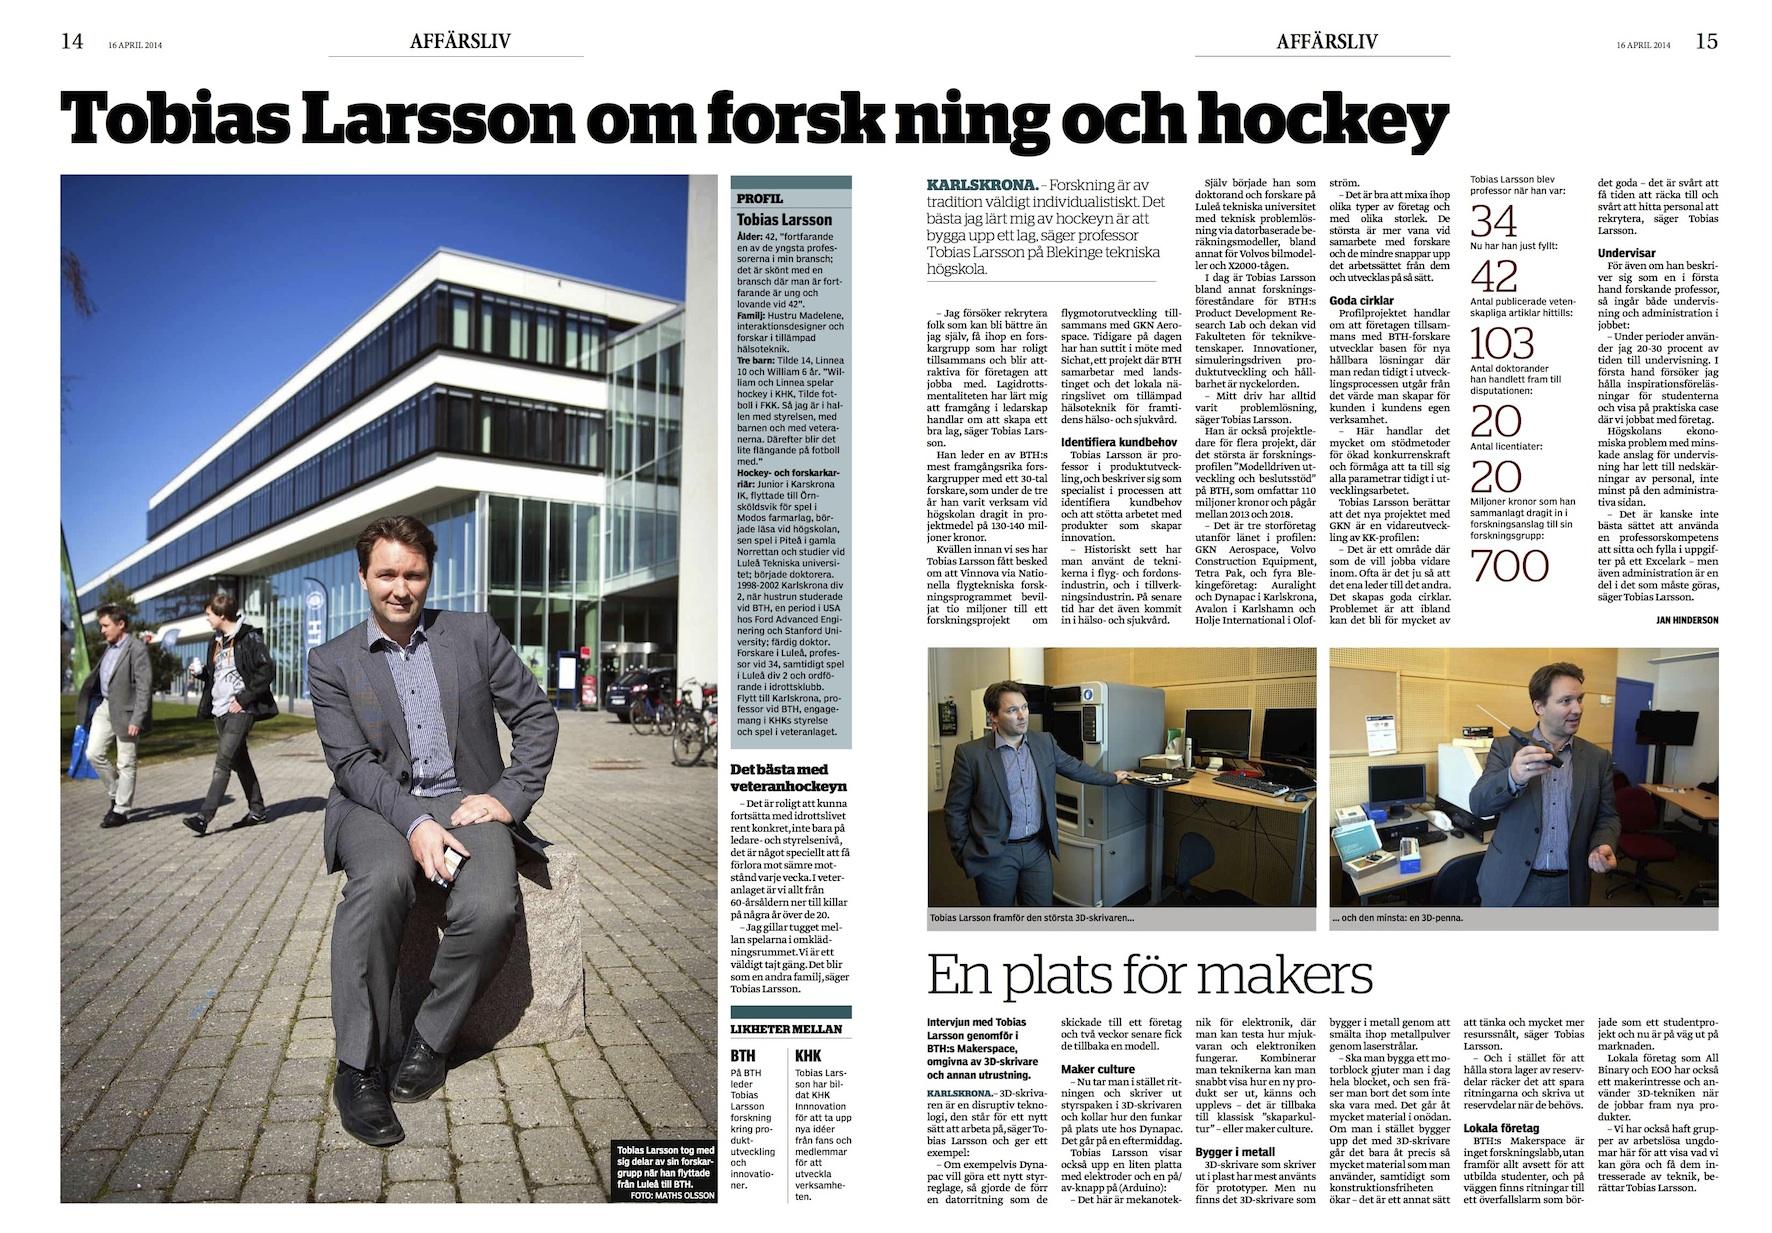 Tobias Larsson om forskning och hockey